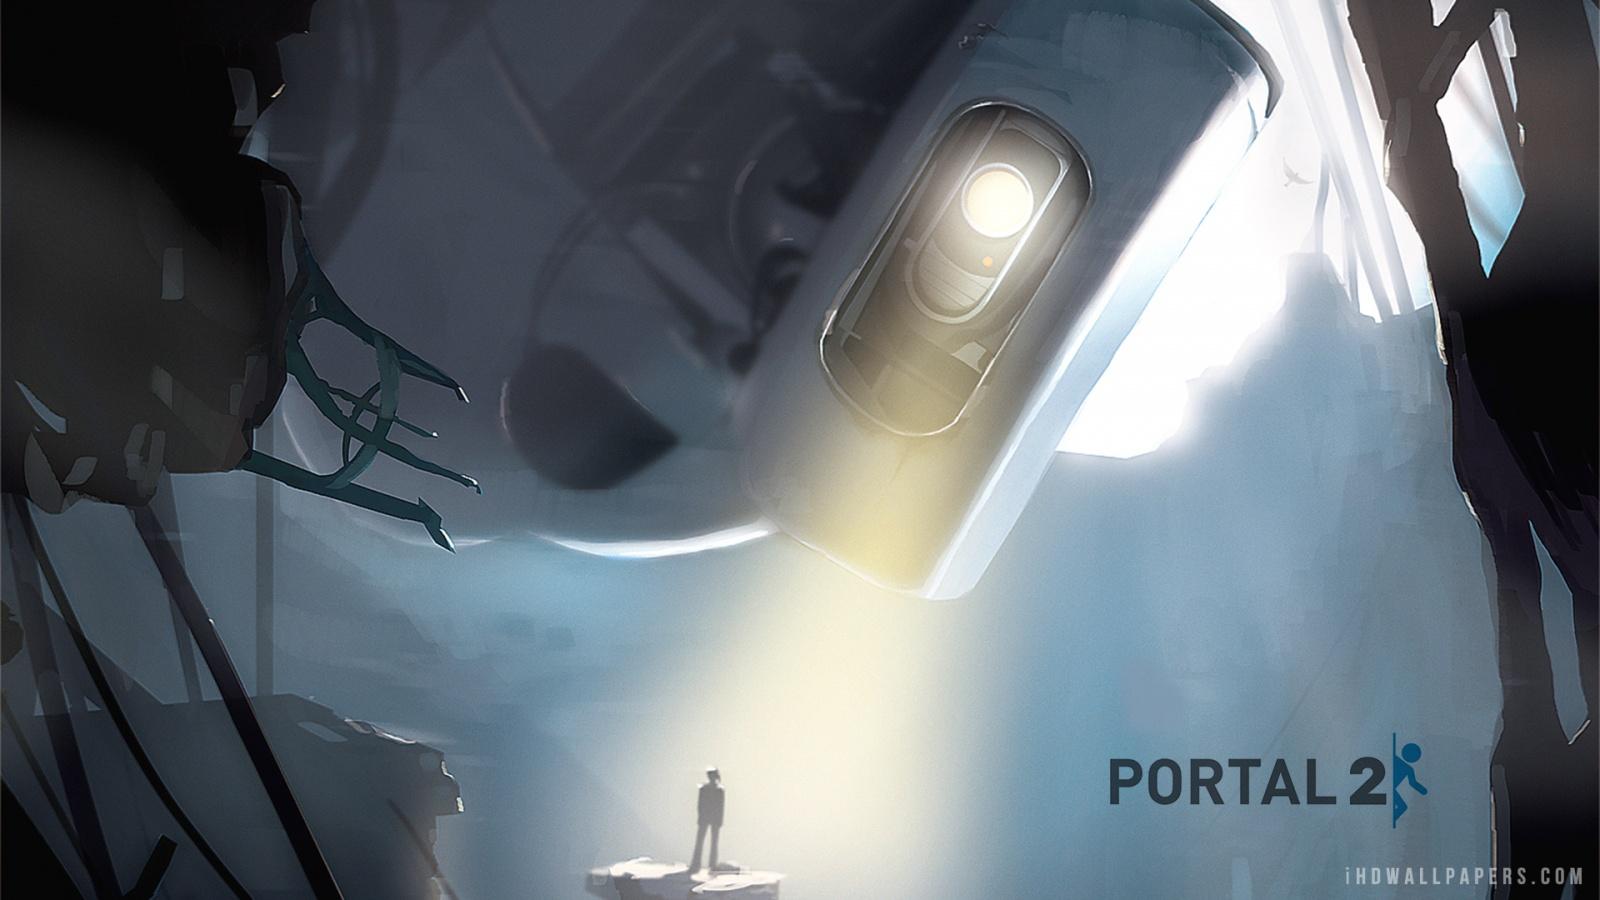 Portal 2 HD Wallpaper   iHD Wallpapers 1600x900